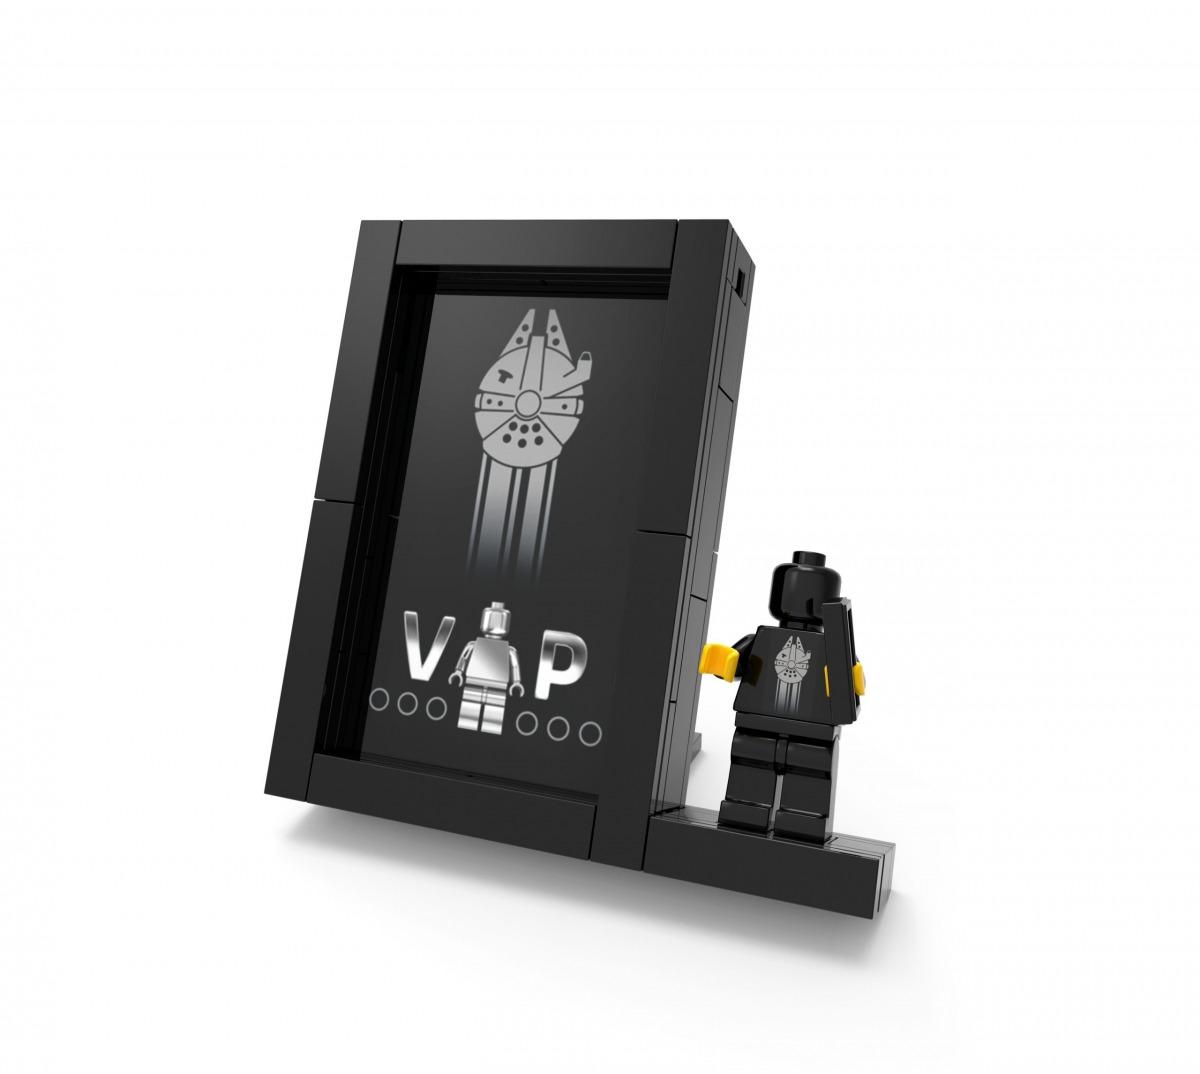 lofferta omaggio esclusivo espositore carta nera lego 5005747 scaled